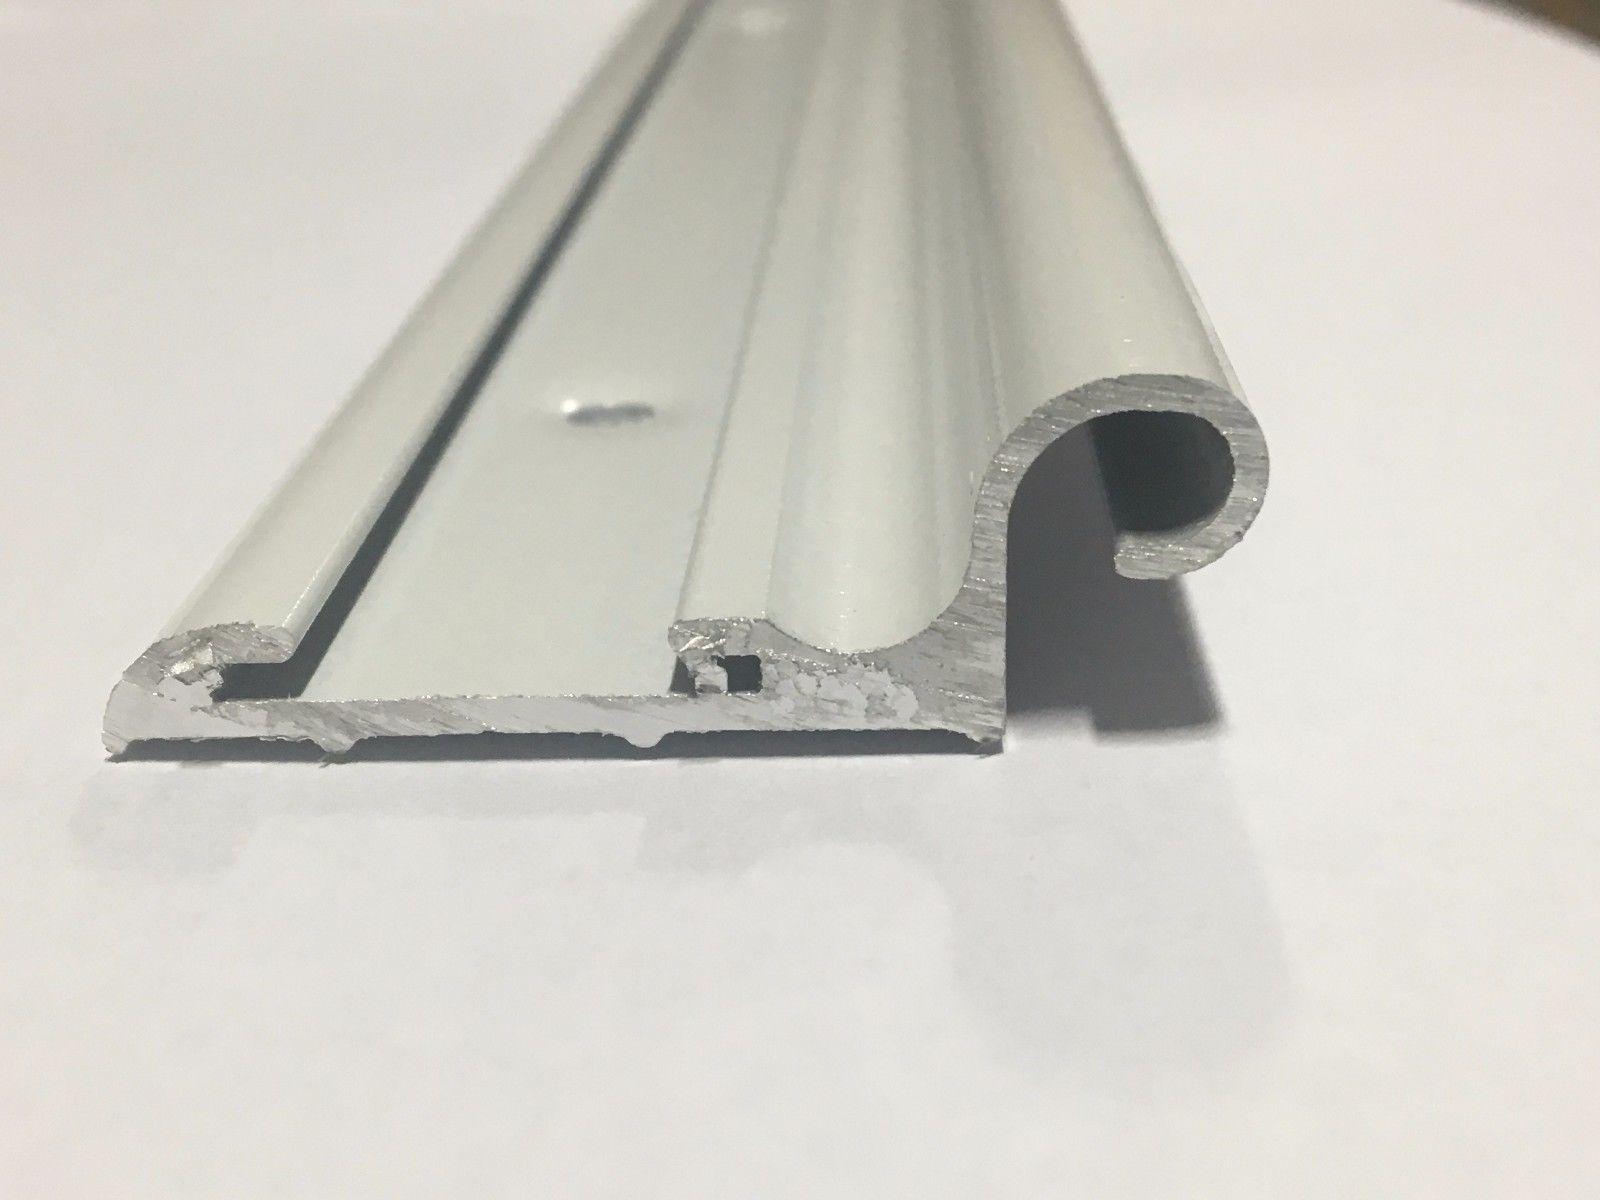 92 White Aluminum Vinyl Insert Belt Rail Hinge Trim Molding Compartment Door Aluminum Vinyl Mirror Table